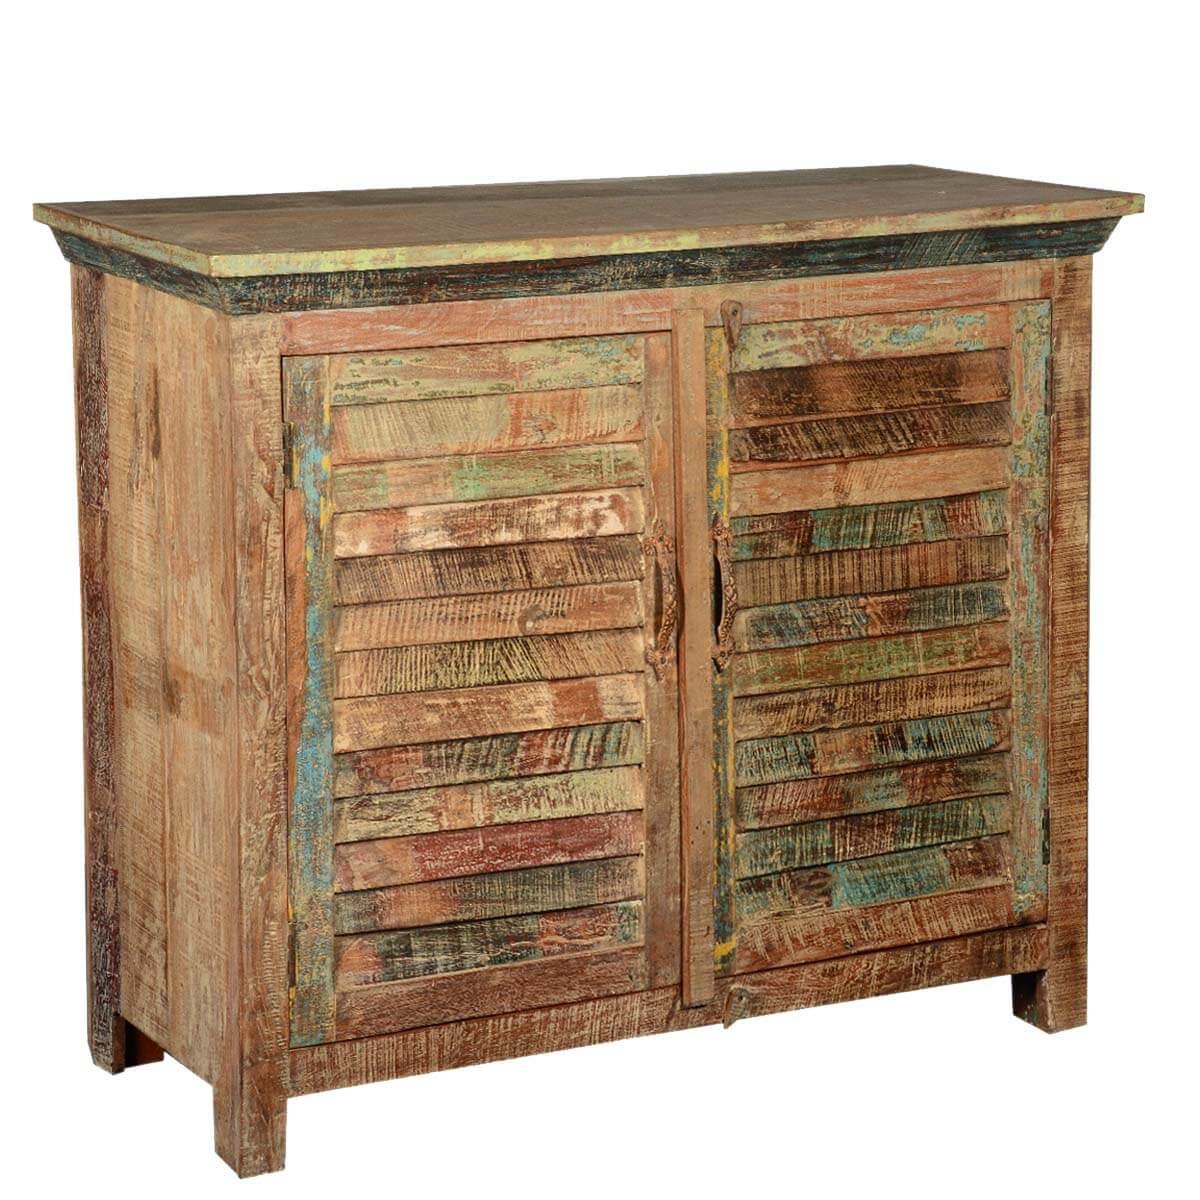 Distressed Reclaimed Wood Buffet 2 Door Kitchen Storage